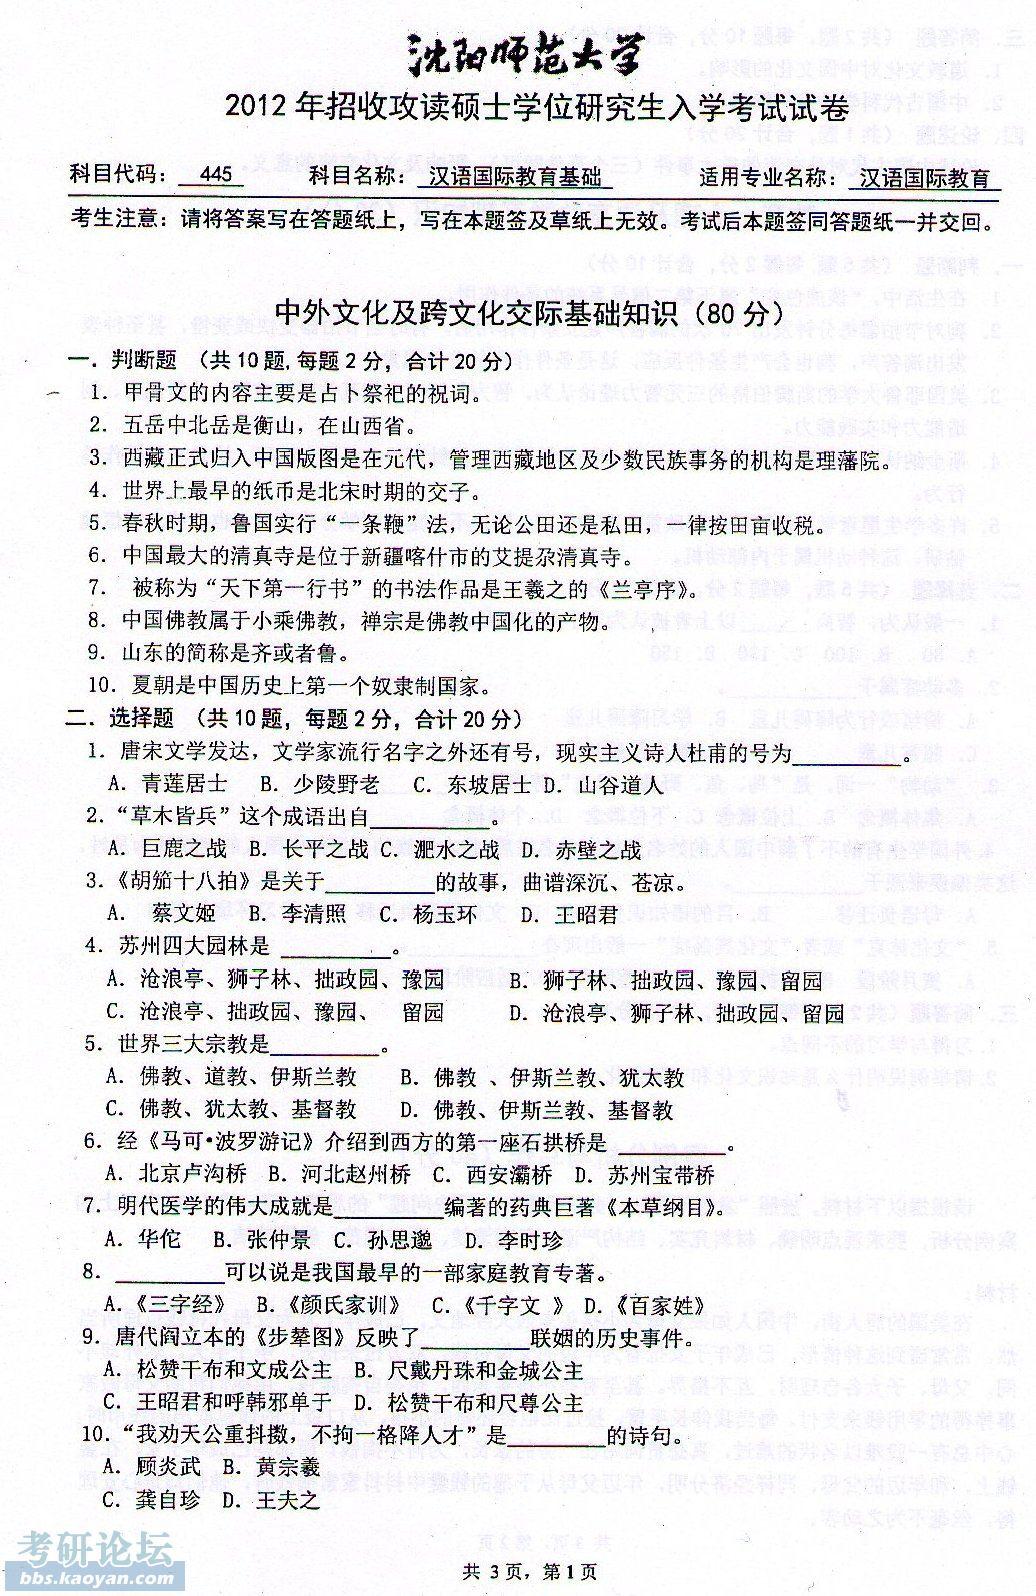 沈阳师范大学234.jpg